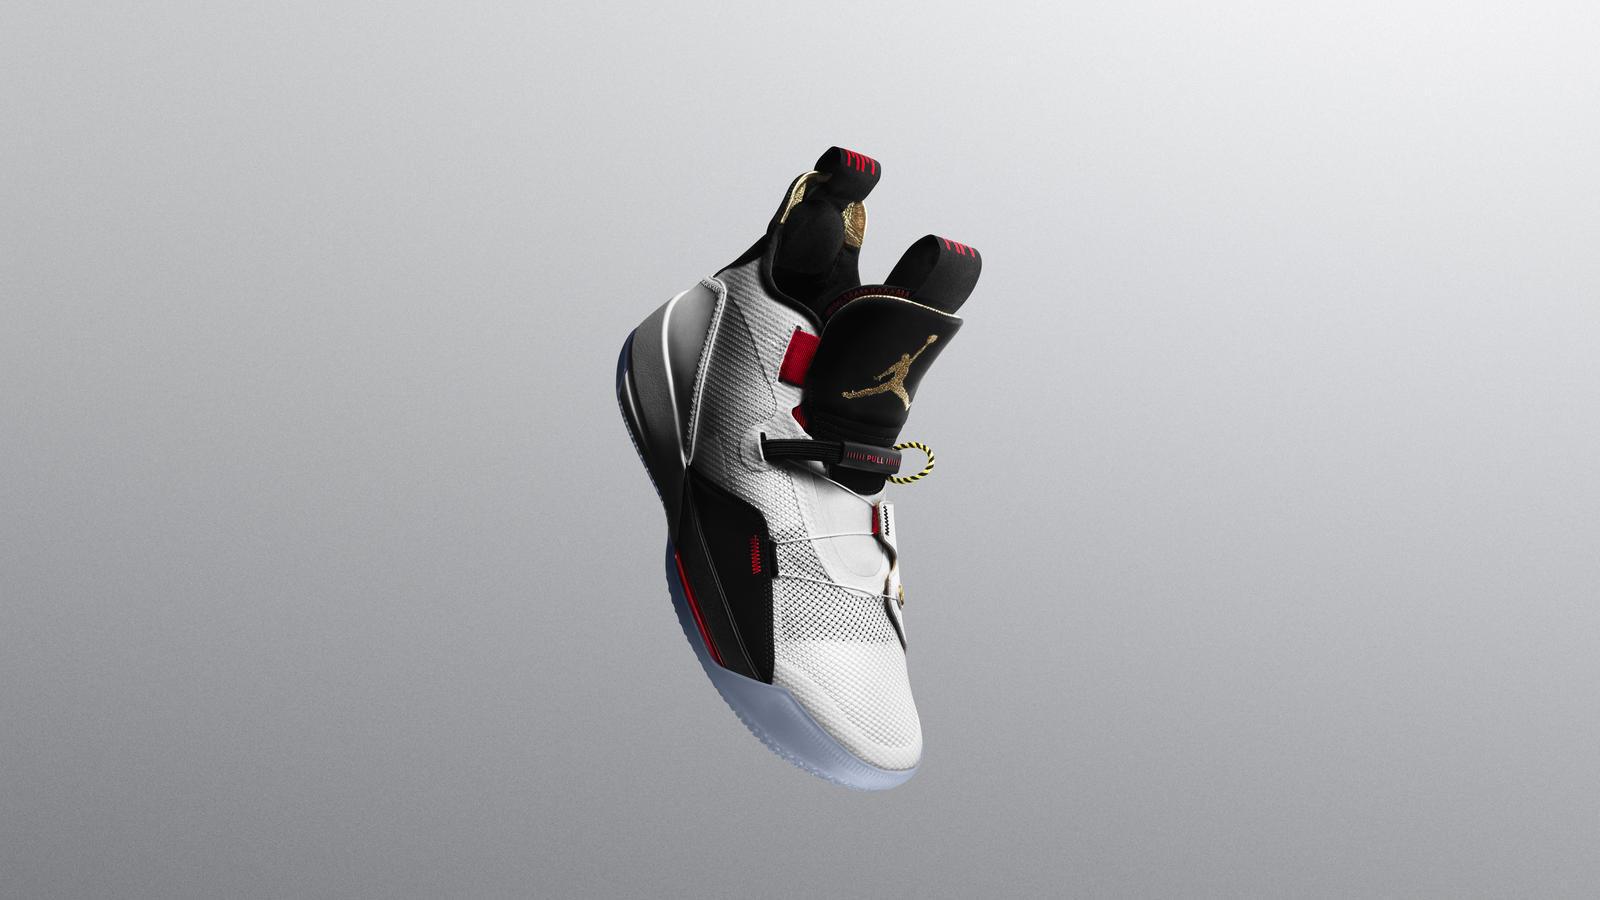 Nike Air Jordan XXXIII shoe